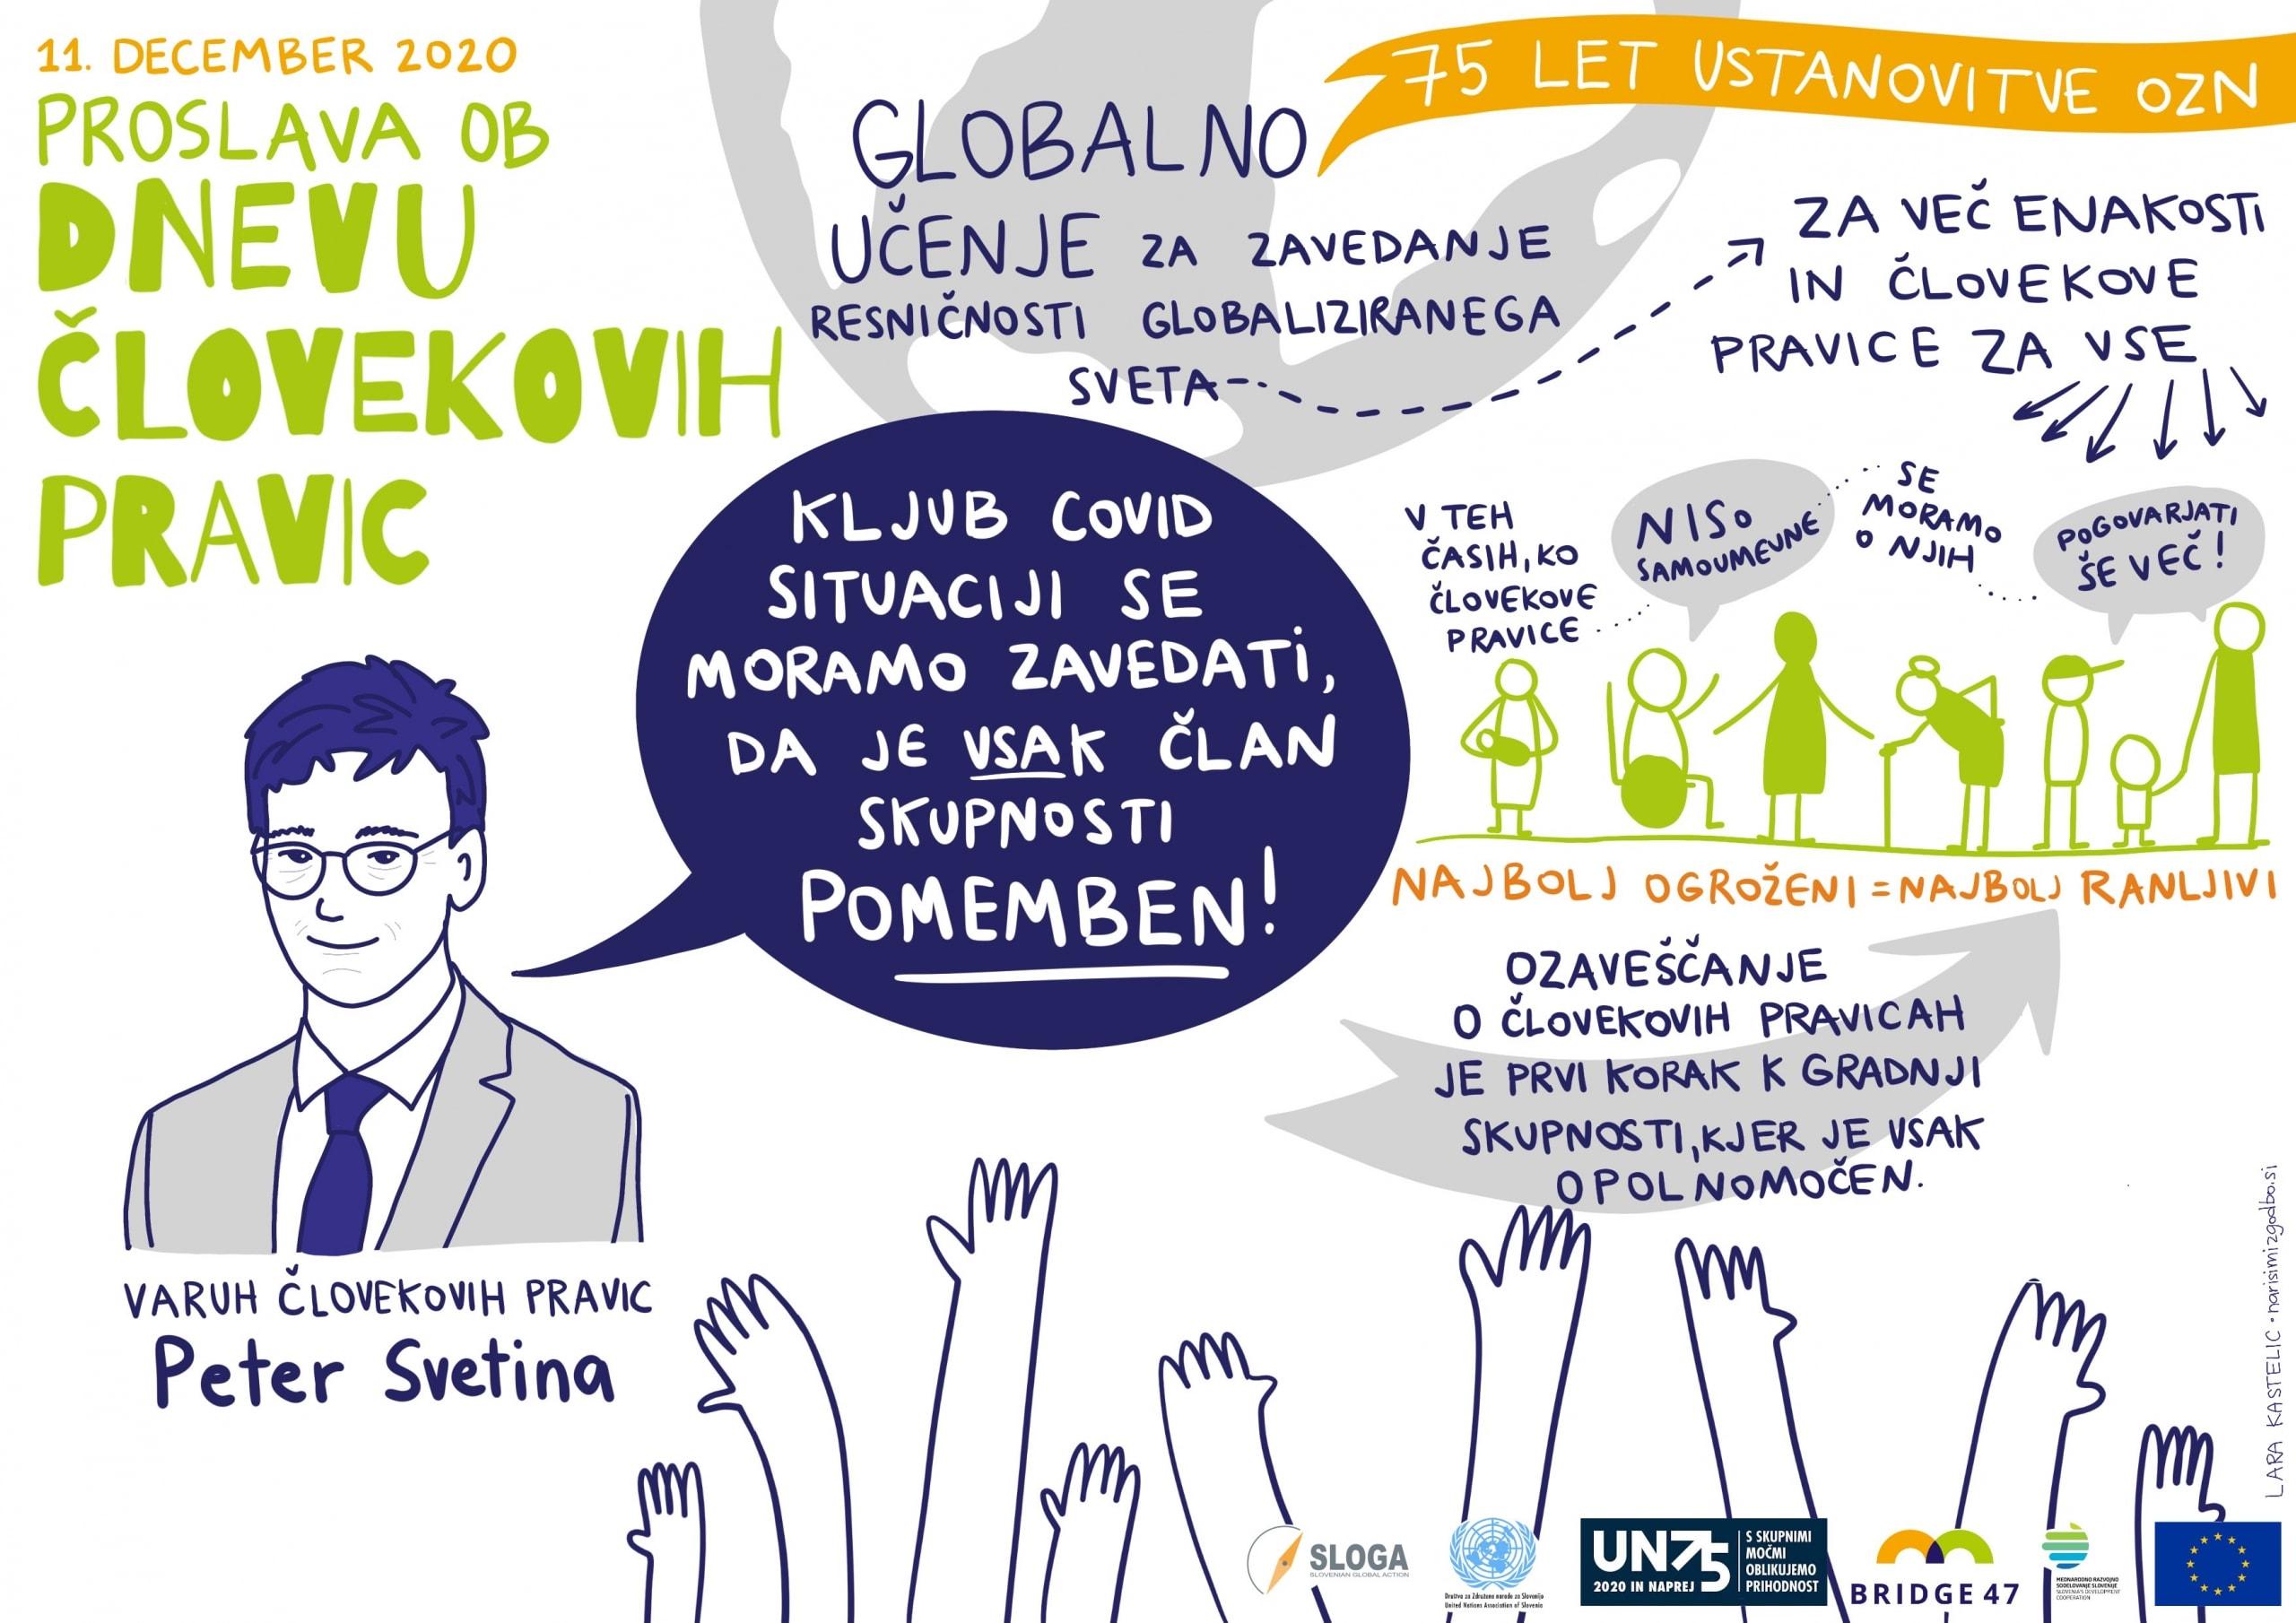 """Varuh človekovih pravic: """"Globalno učenje je pomembno za zavedanje resničnosti globaliziranega sveta"""""""